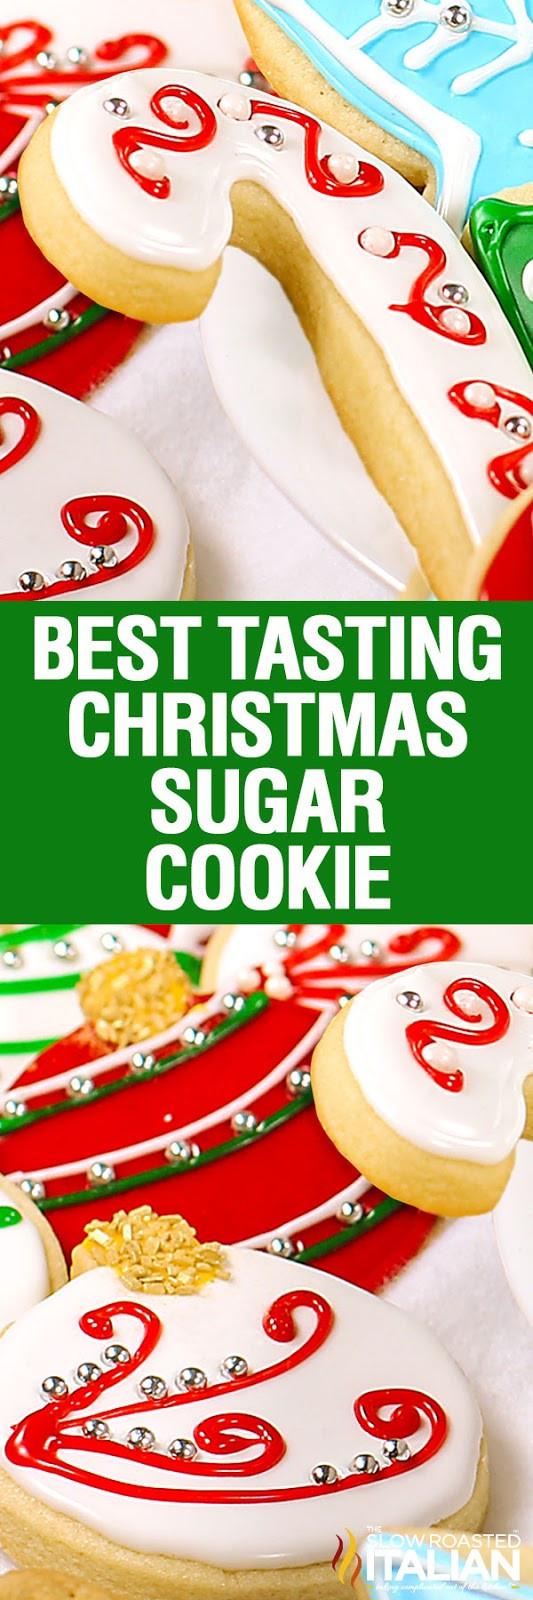 Best Tasting Christmas Cookies  Christmas Sugar Cookies With NEW VIDEO